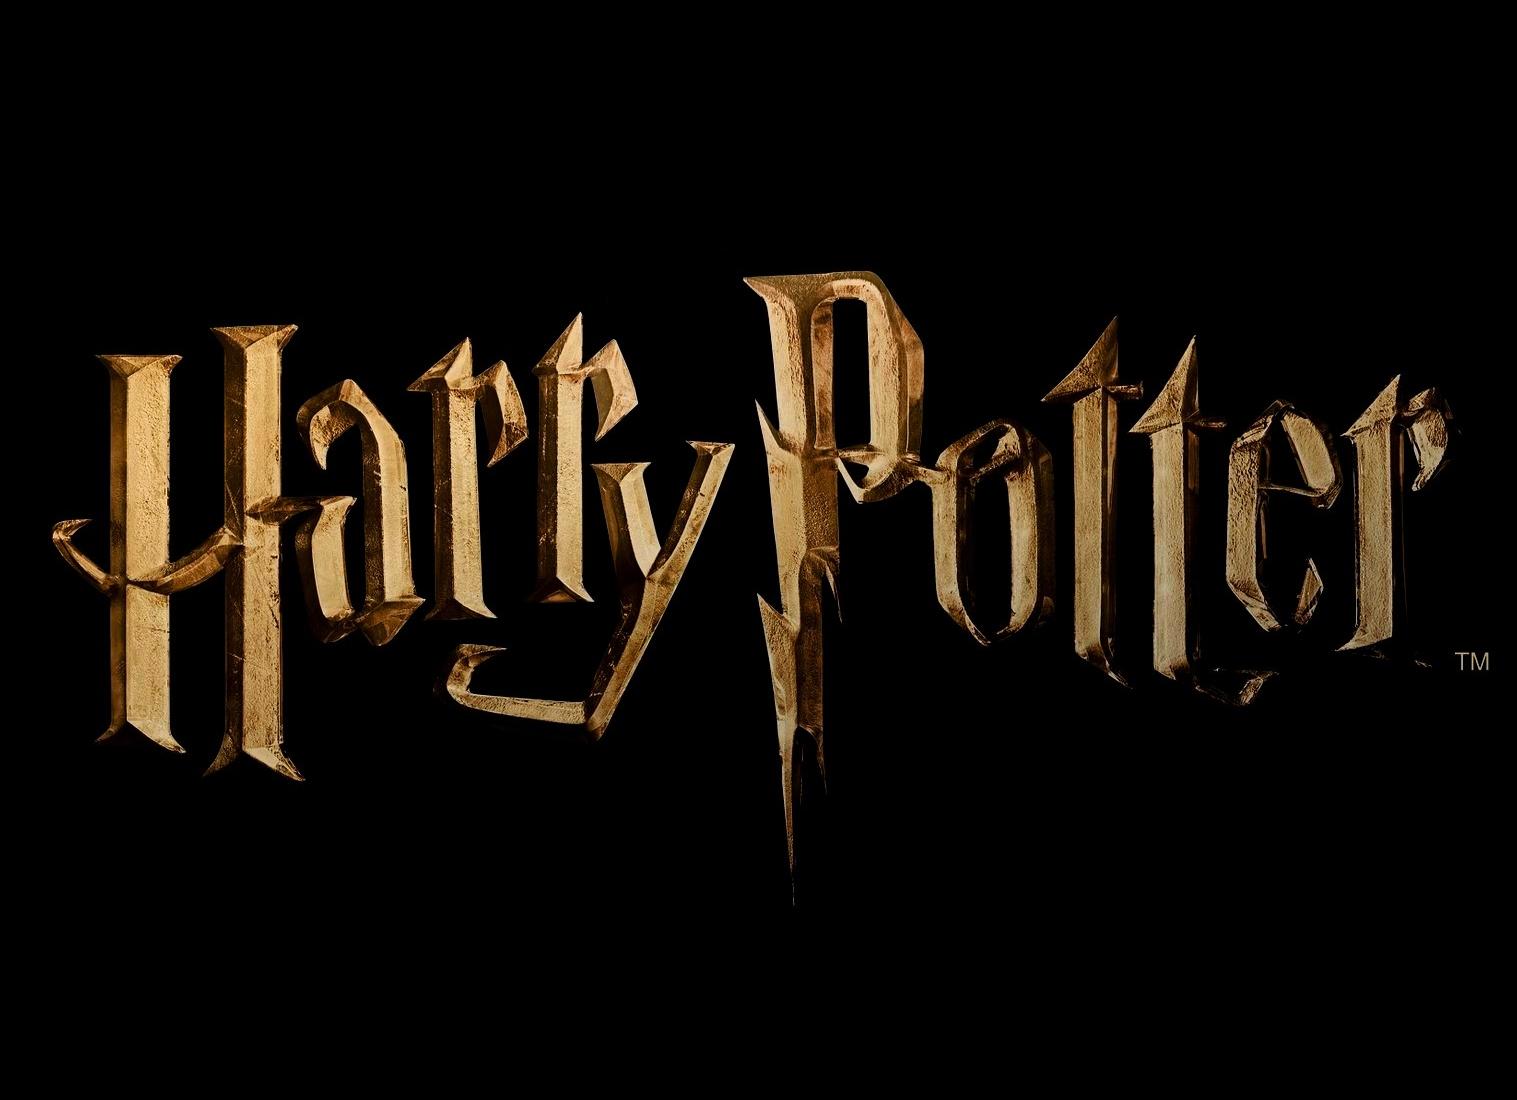 CCXP 2017 terá Loja Harry Potter com ambientação do Castelo de Hogwarts 5